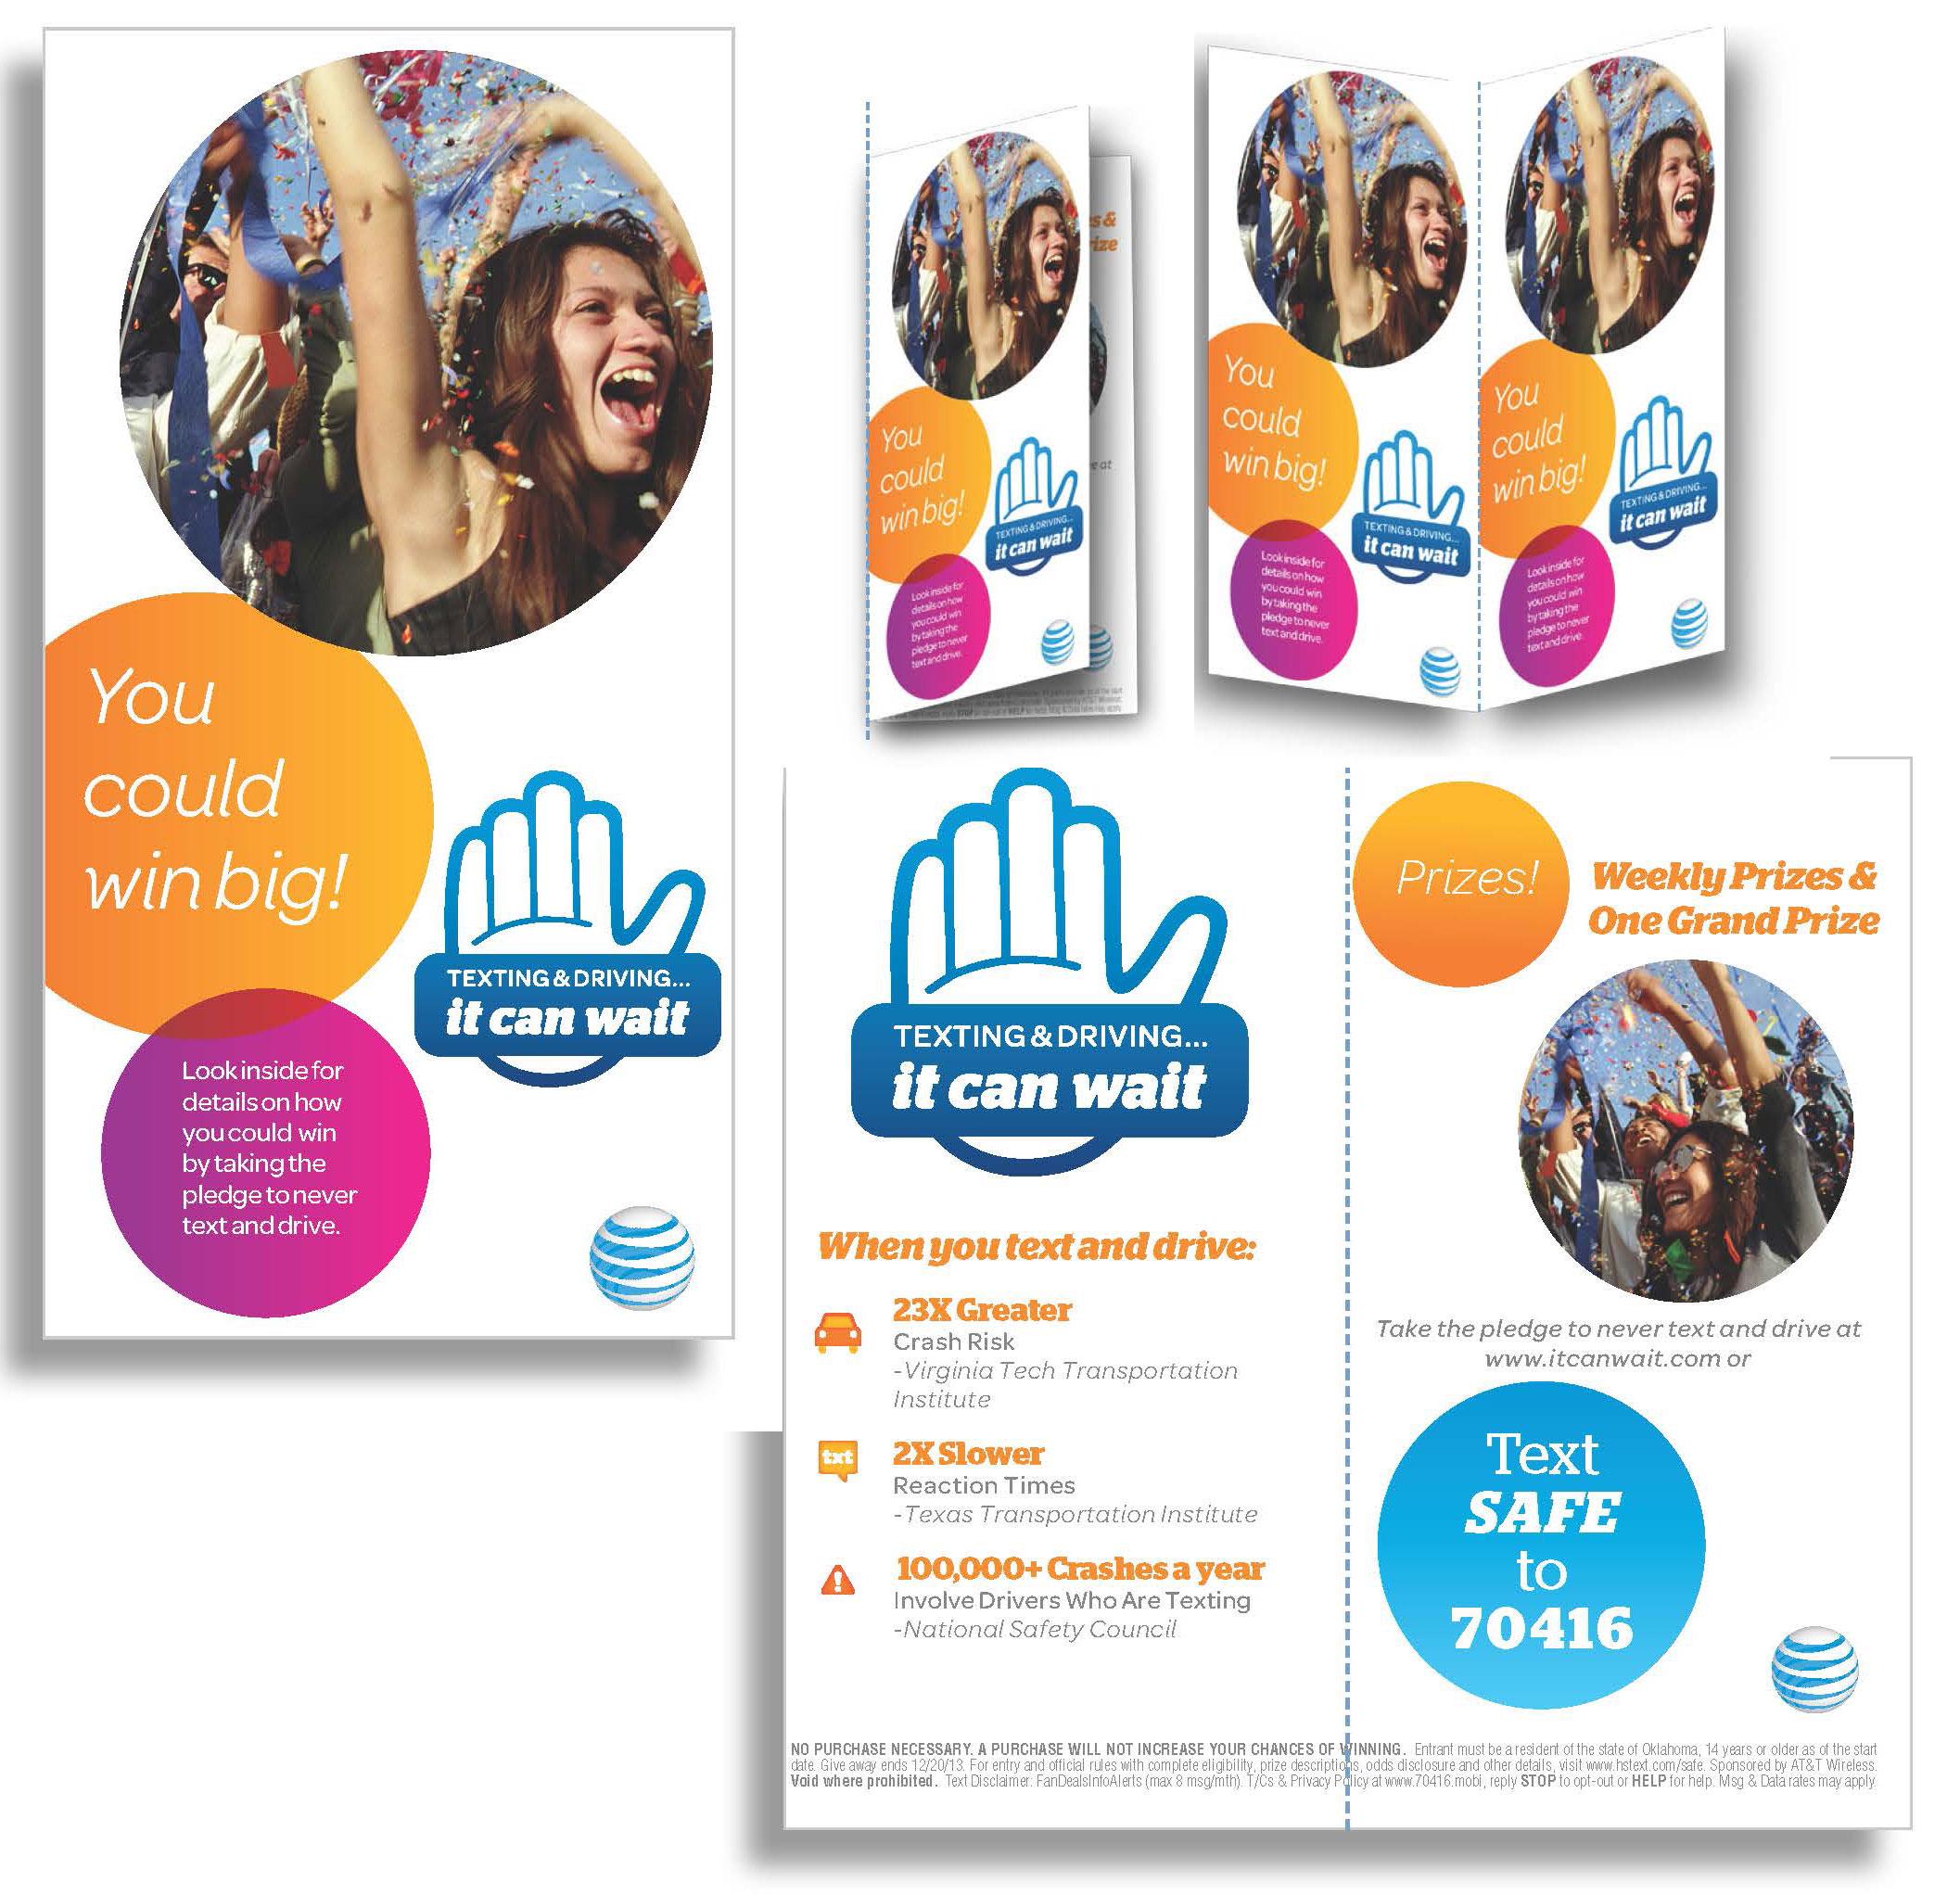 att_it_can_wait-hand-card-proof-3d.jpg